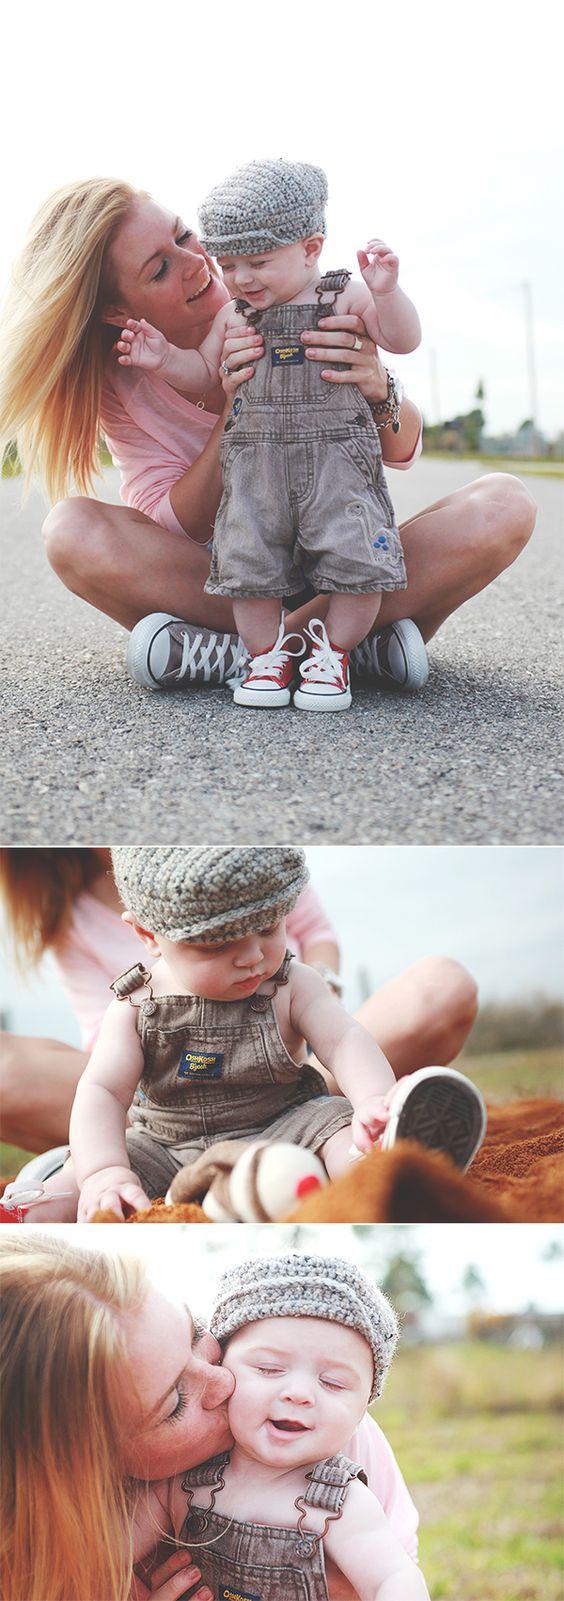 اجمل صور عن الام واطفالها 11 اجمل صور عن الام واطفالها